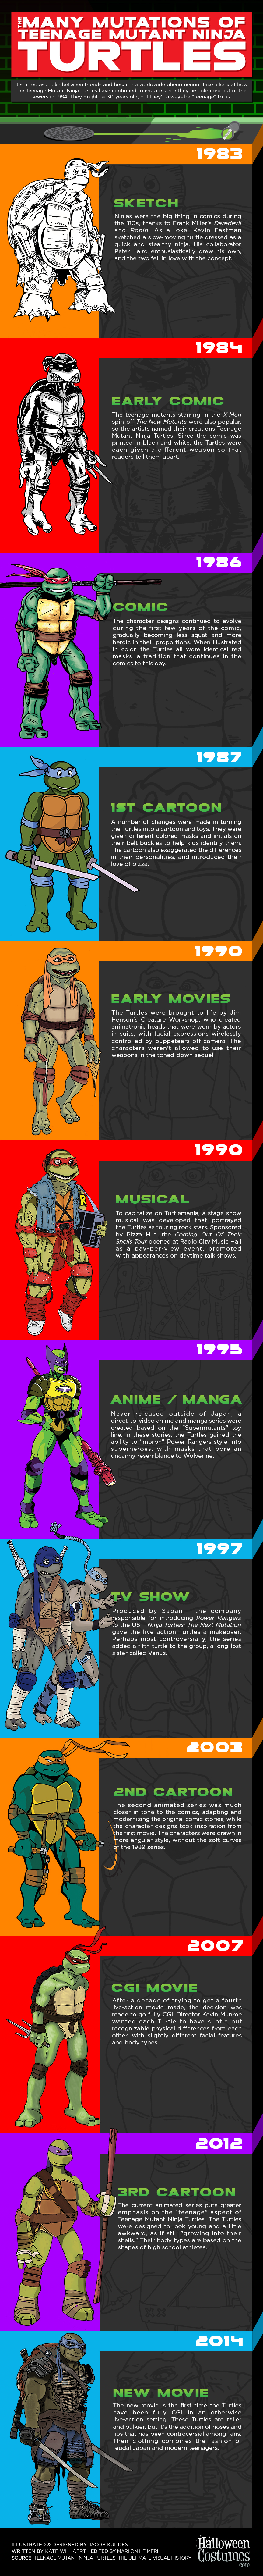 Teenage Mutant Ninja Turtles Evolution Infographic